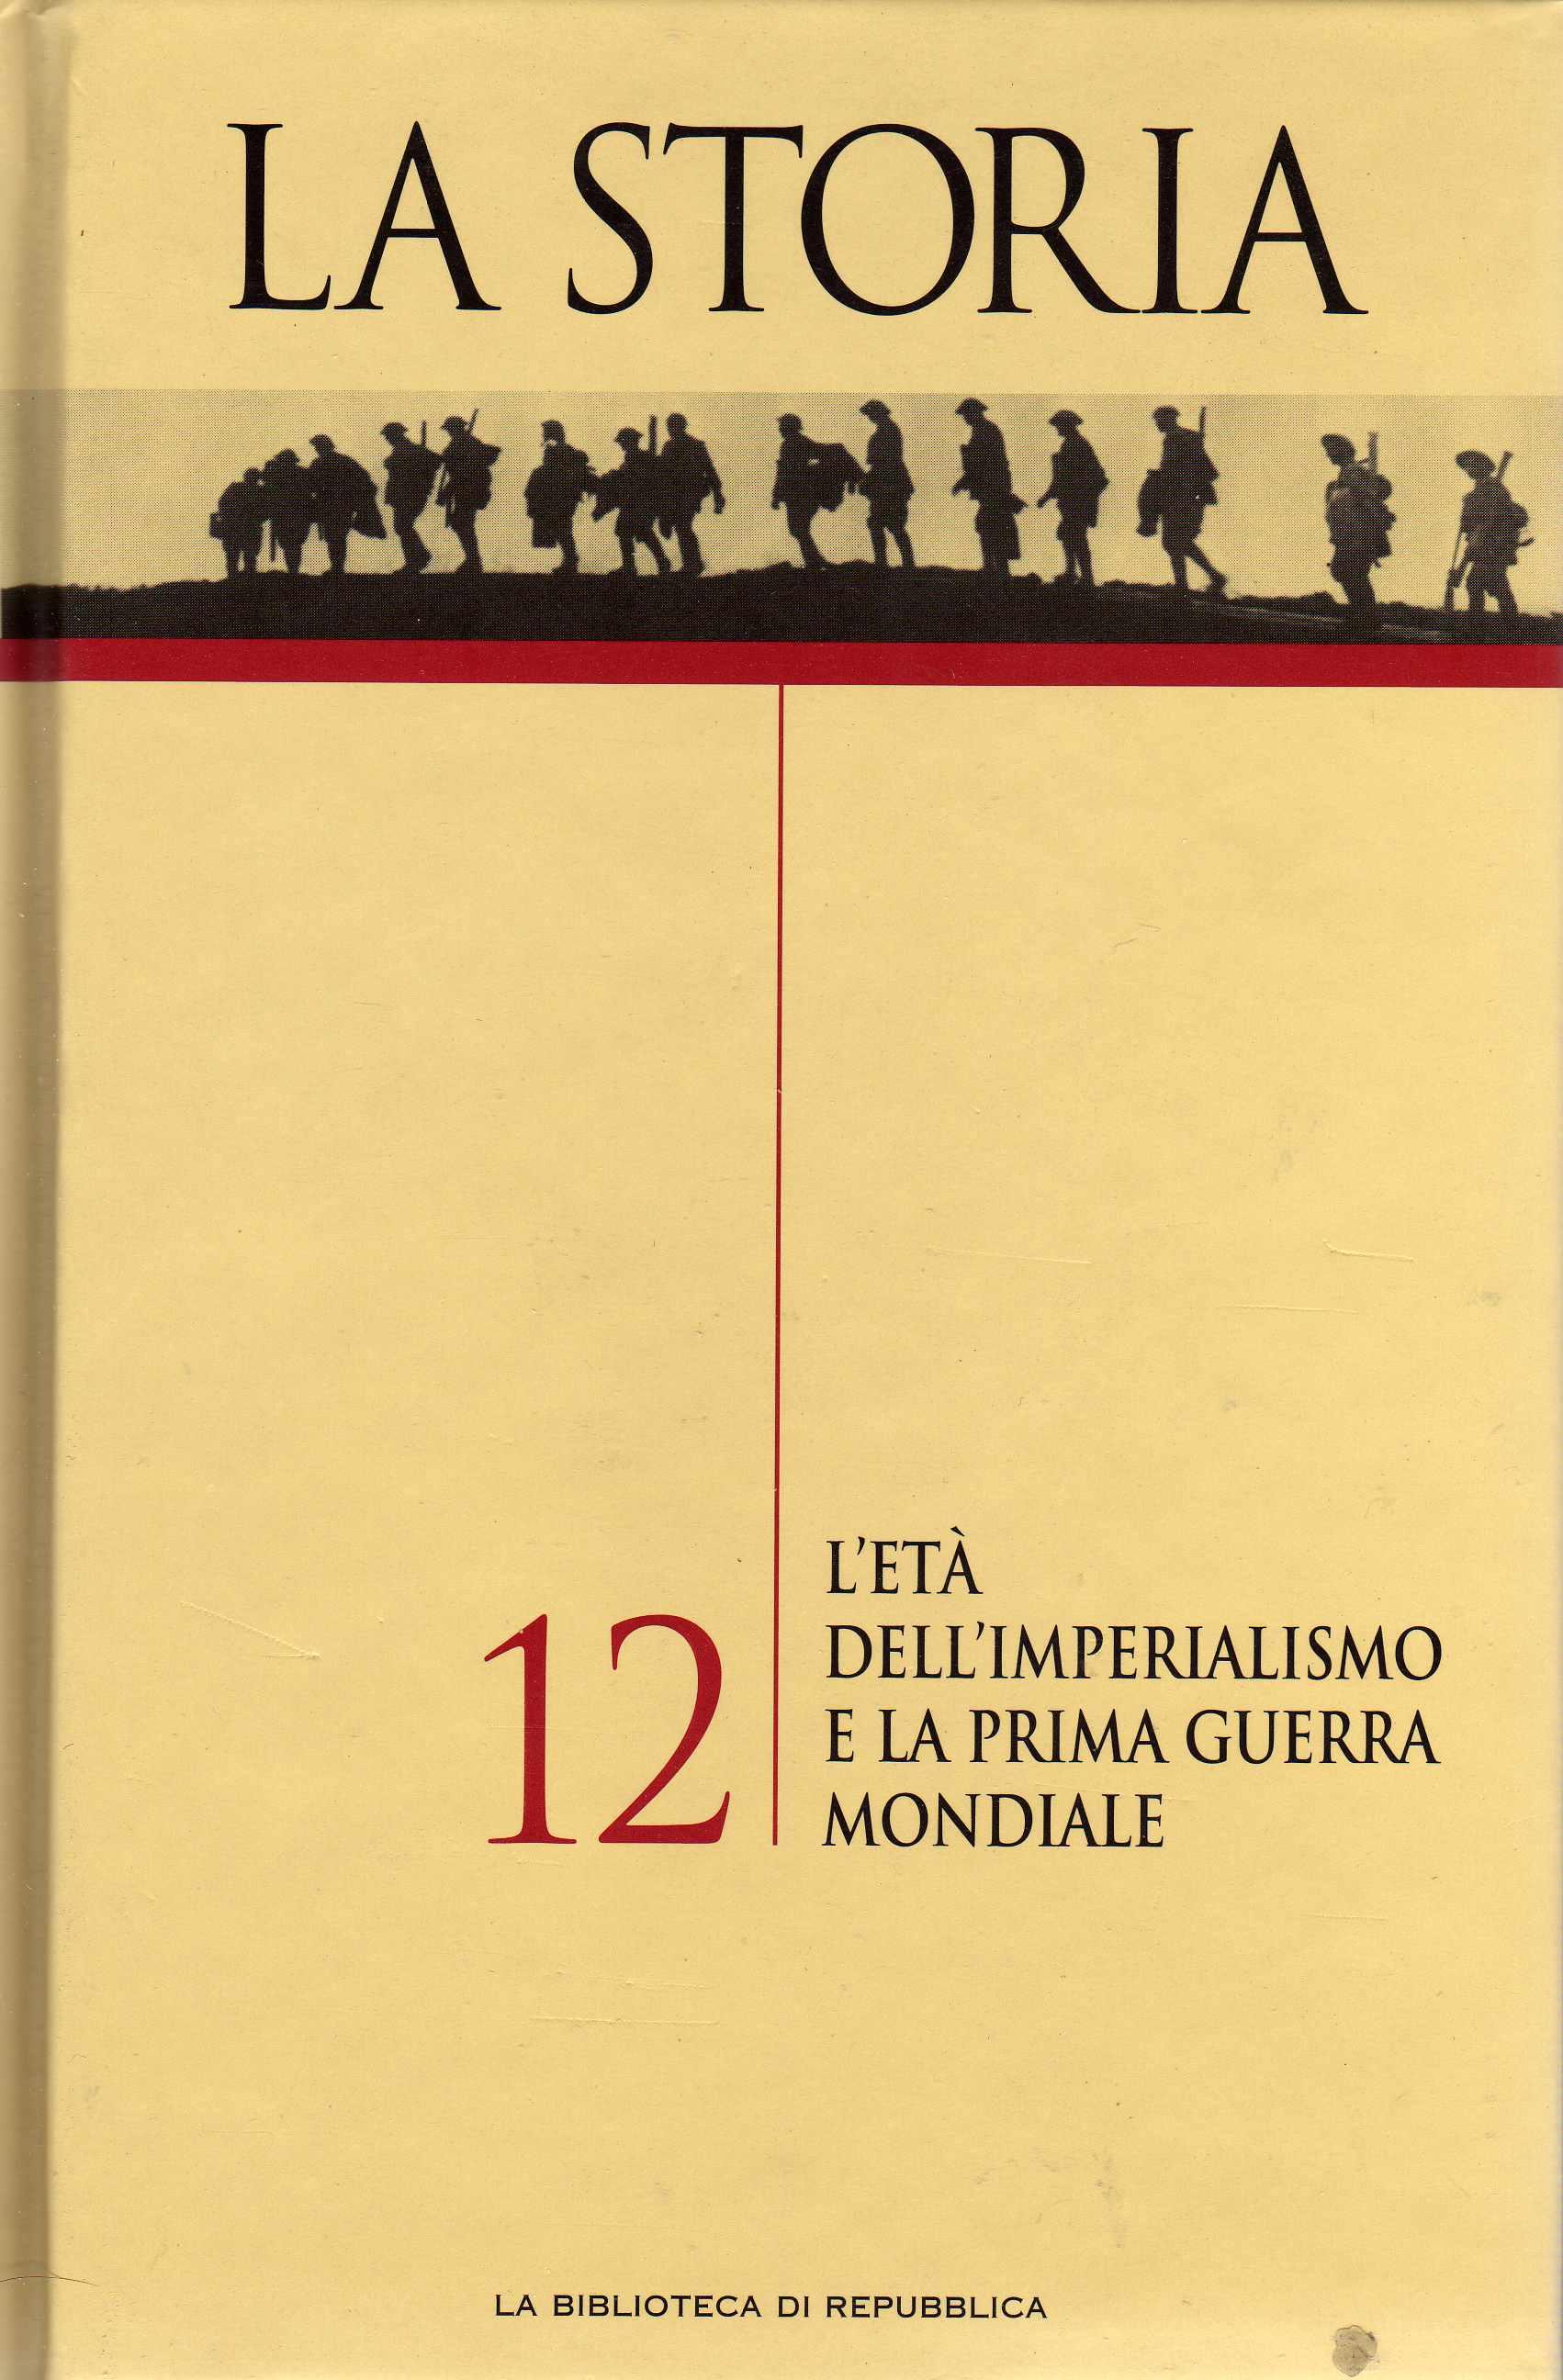 La Storia vol. 12